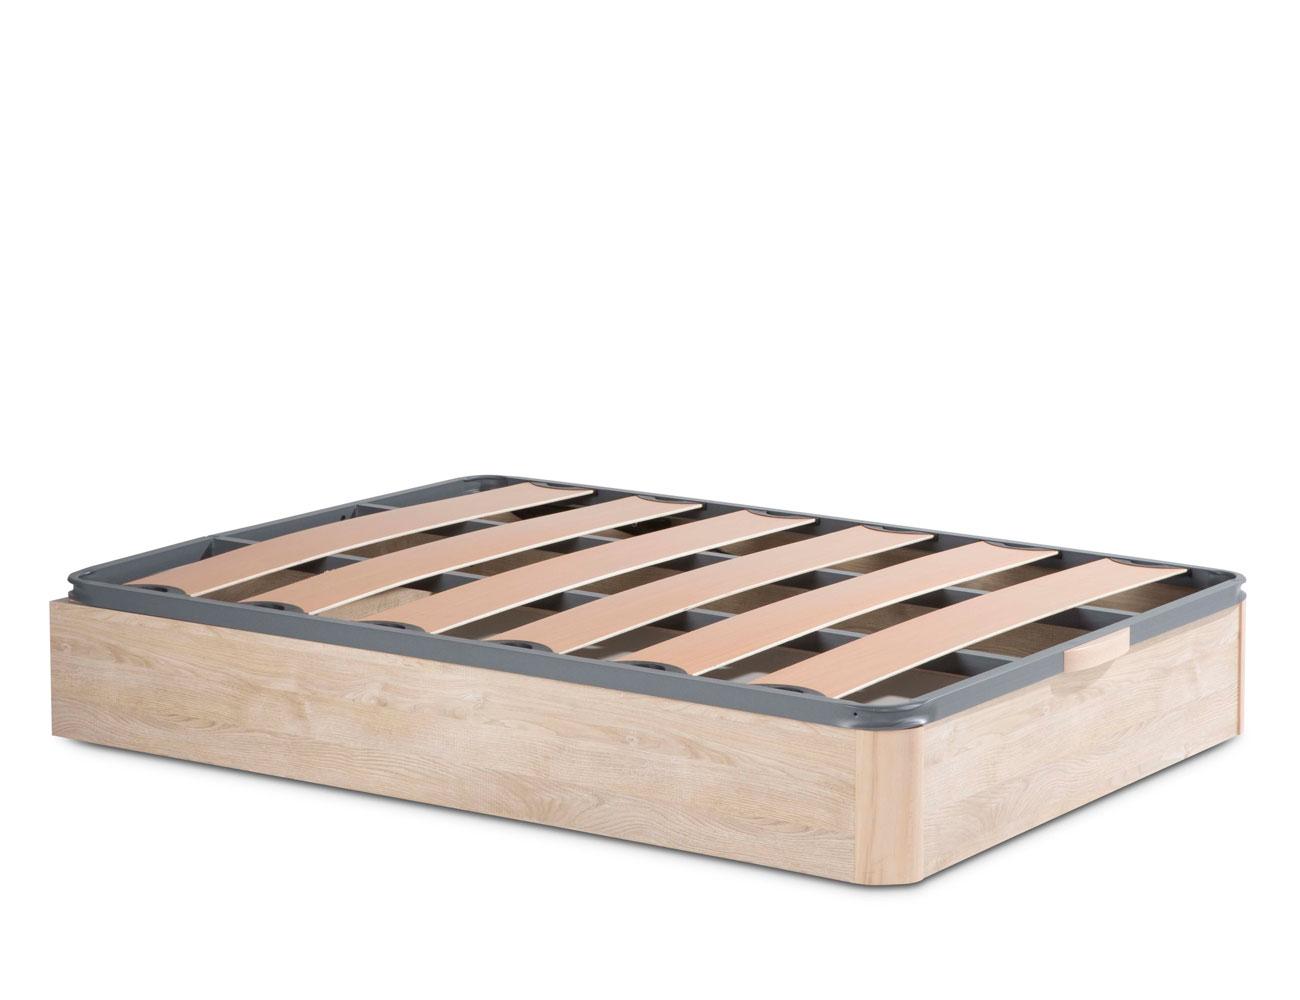 Canape madera somier laminas pvc 7815